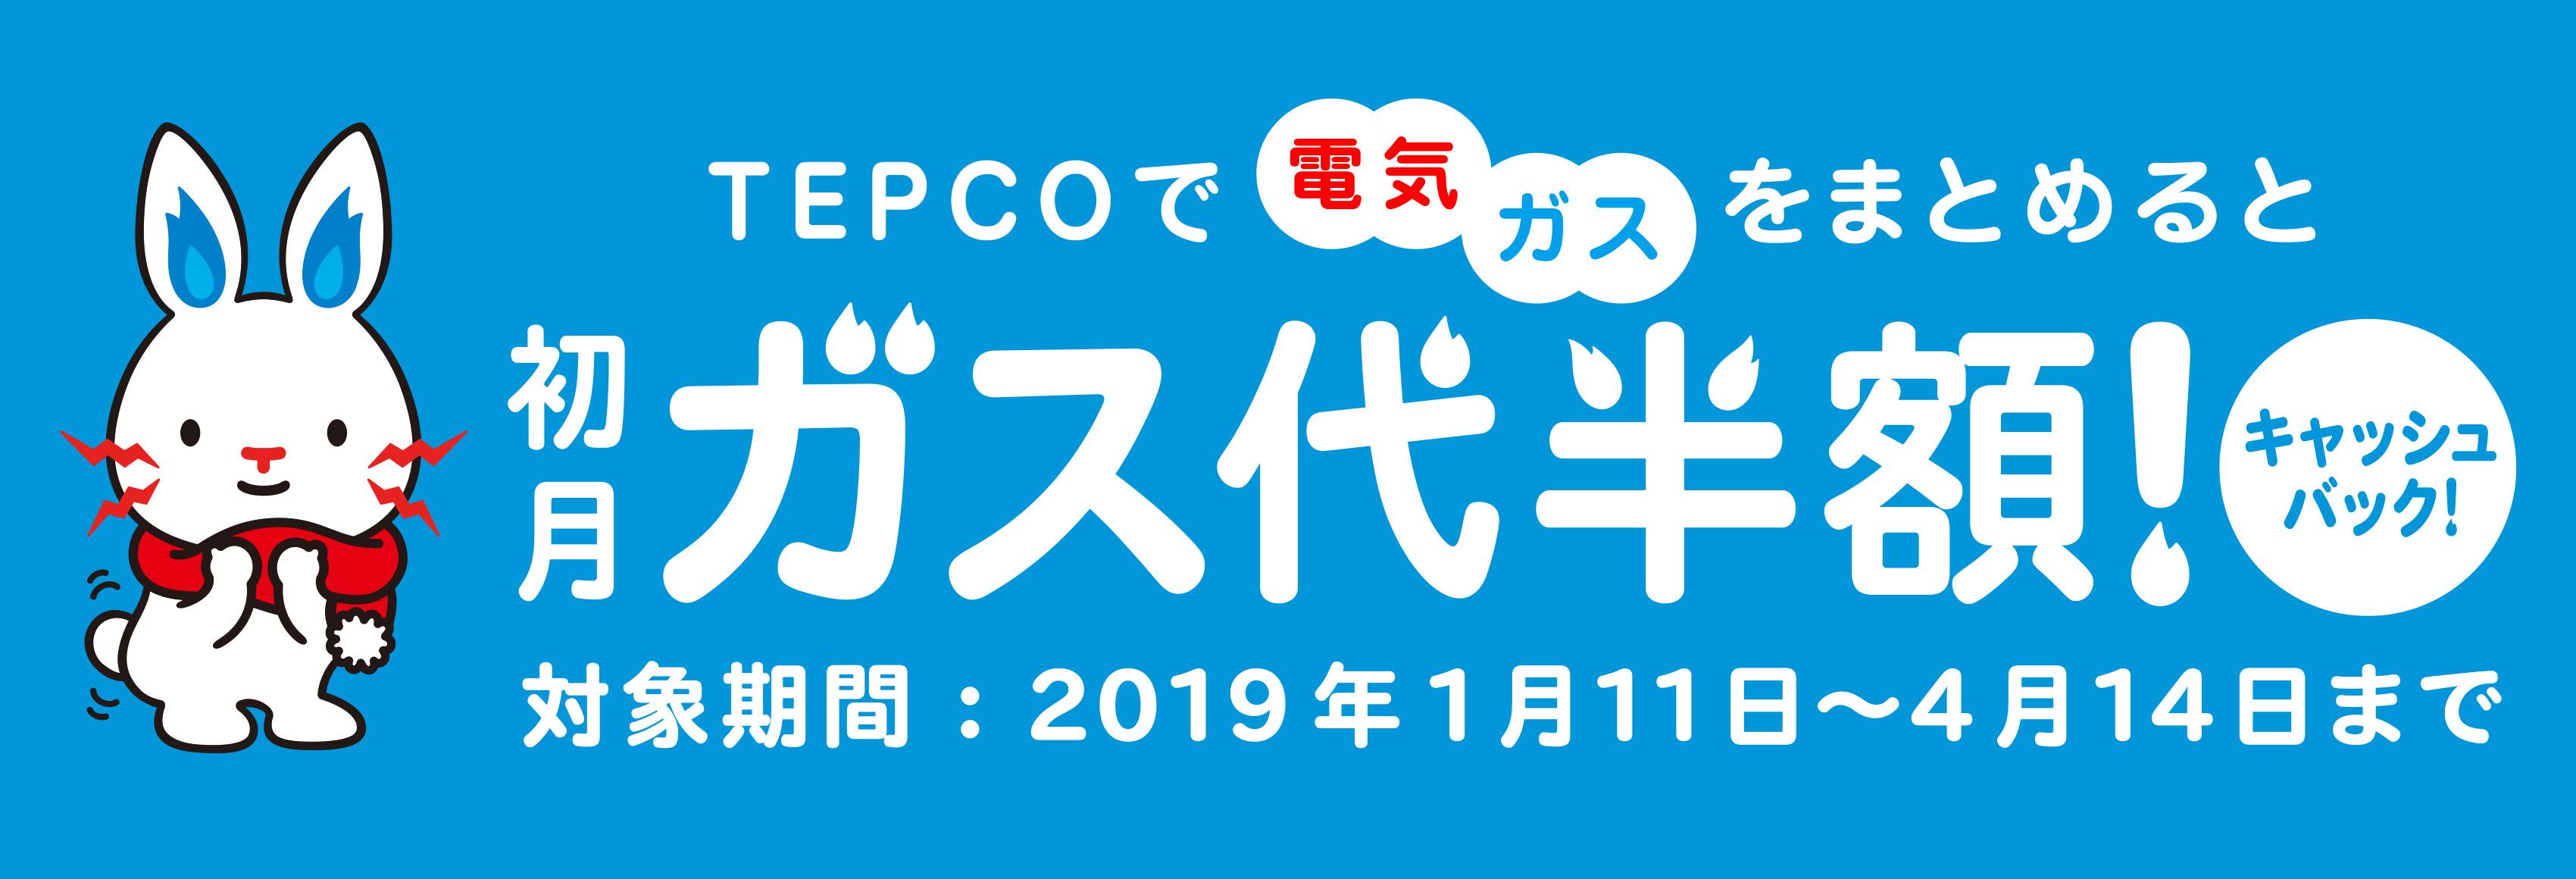 TEPCOで電気+ガスをまとめると初月ガス代半額!